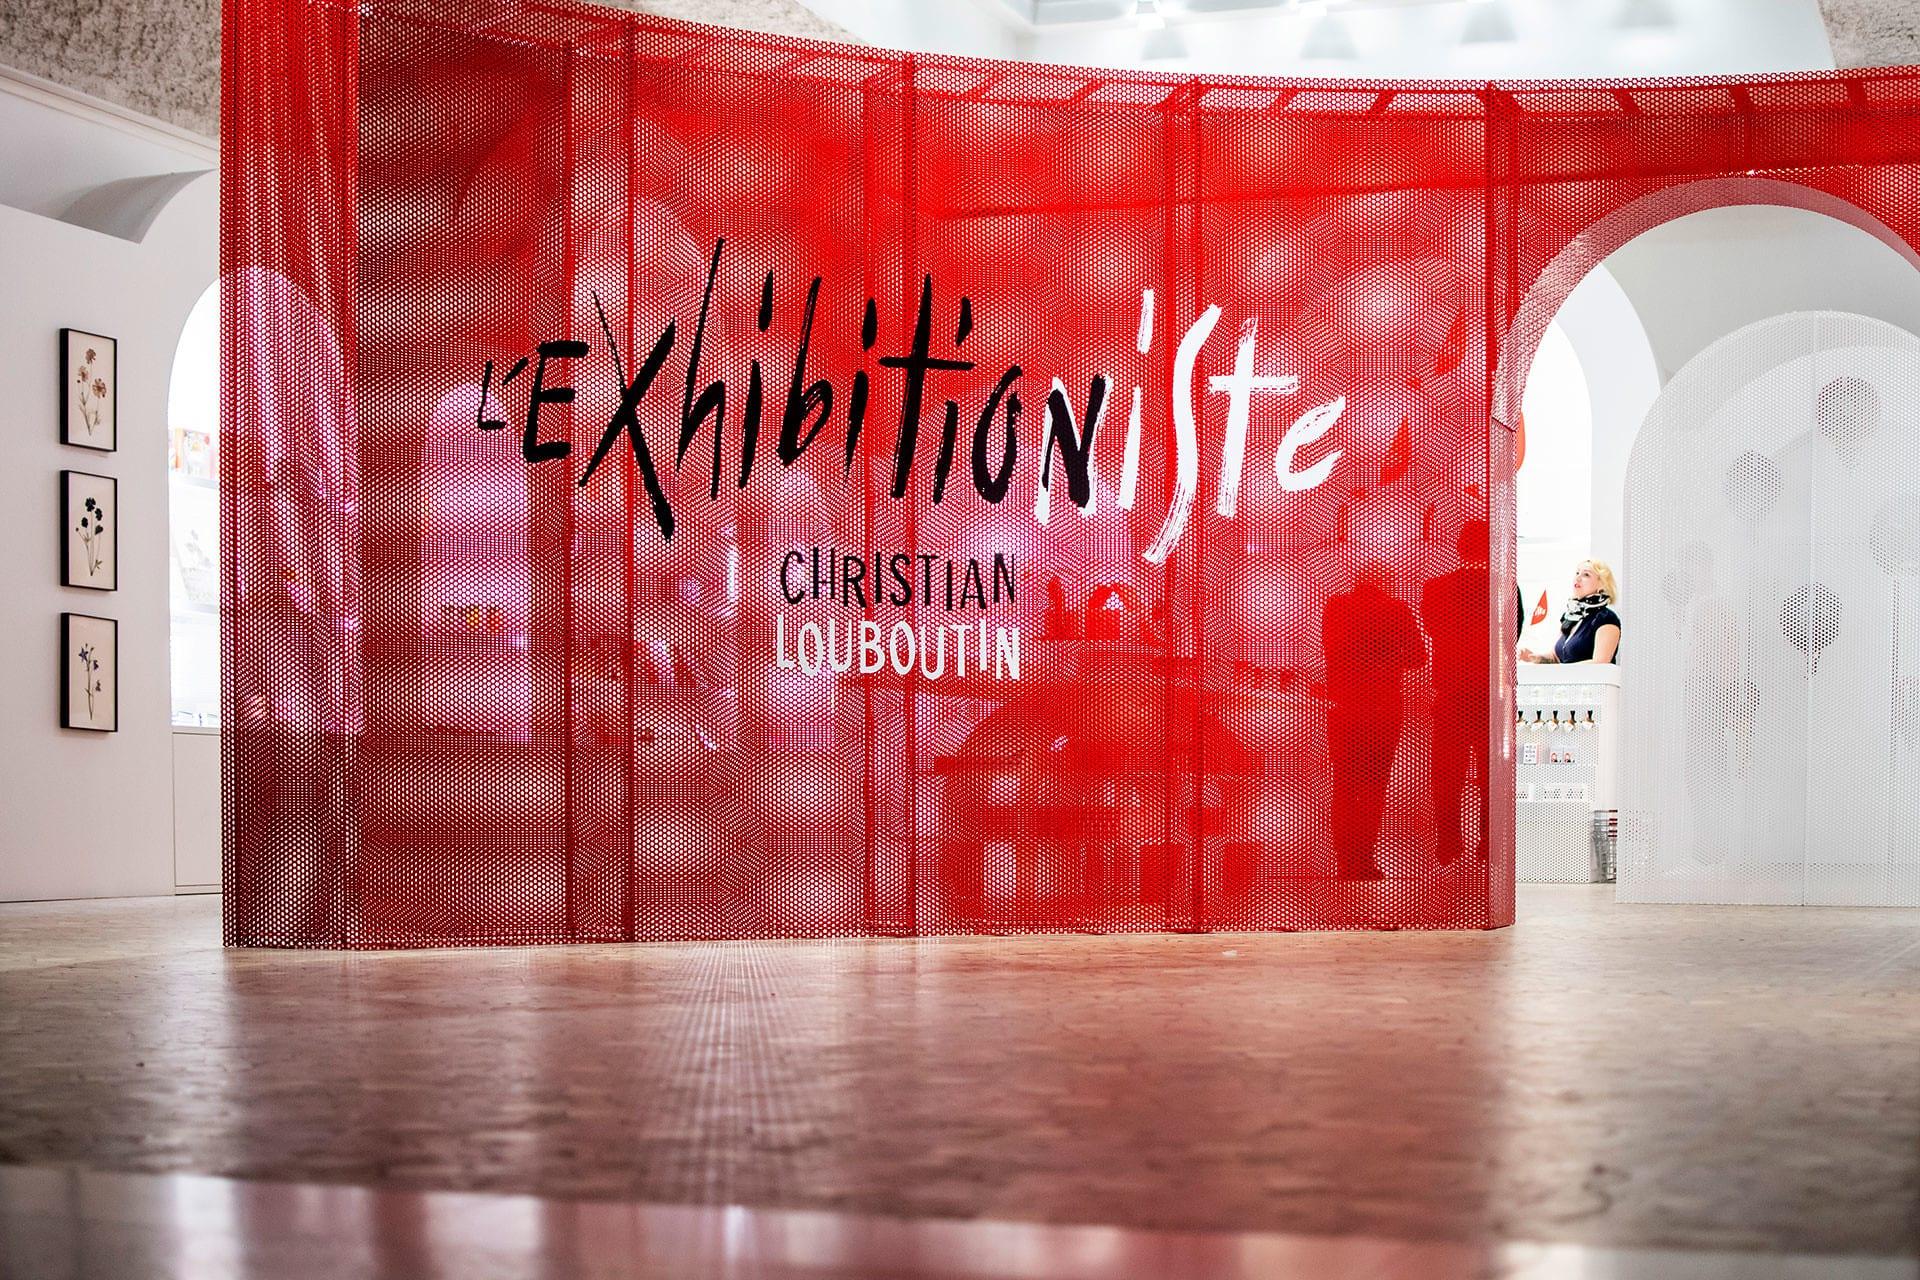 Выставка Кристиана Лубутена в Париже: еще есть шанс увидеть